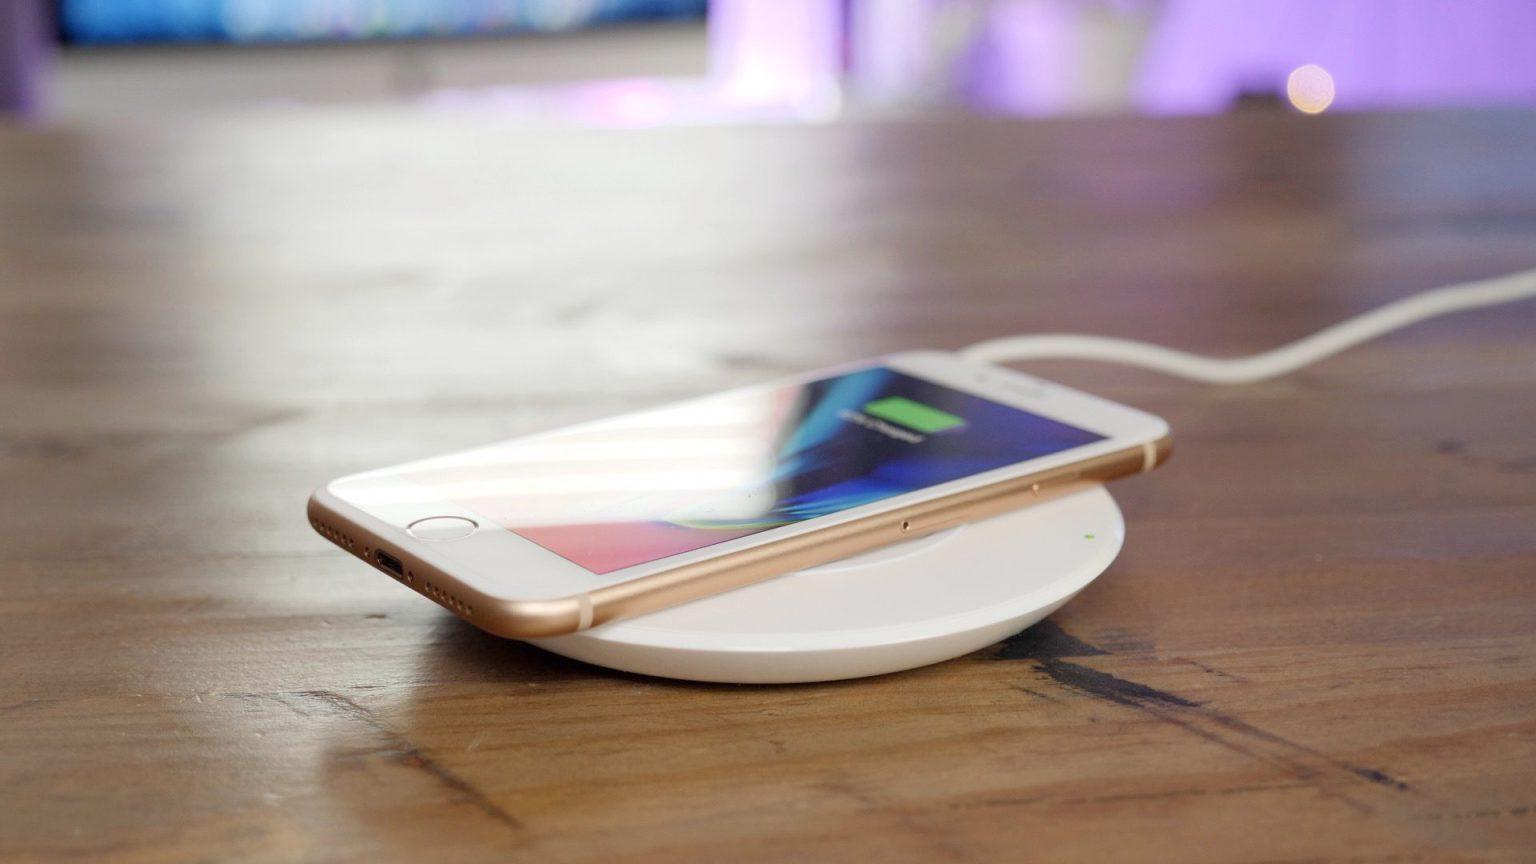 Ускоренная беспроводная зарядка в iOS 11.2 оказалась медленной